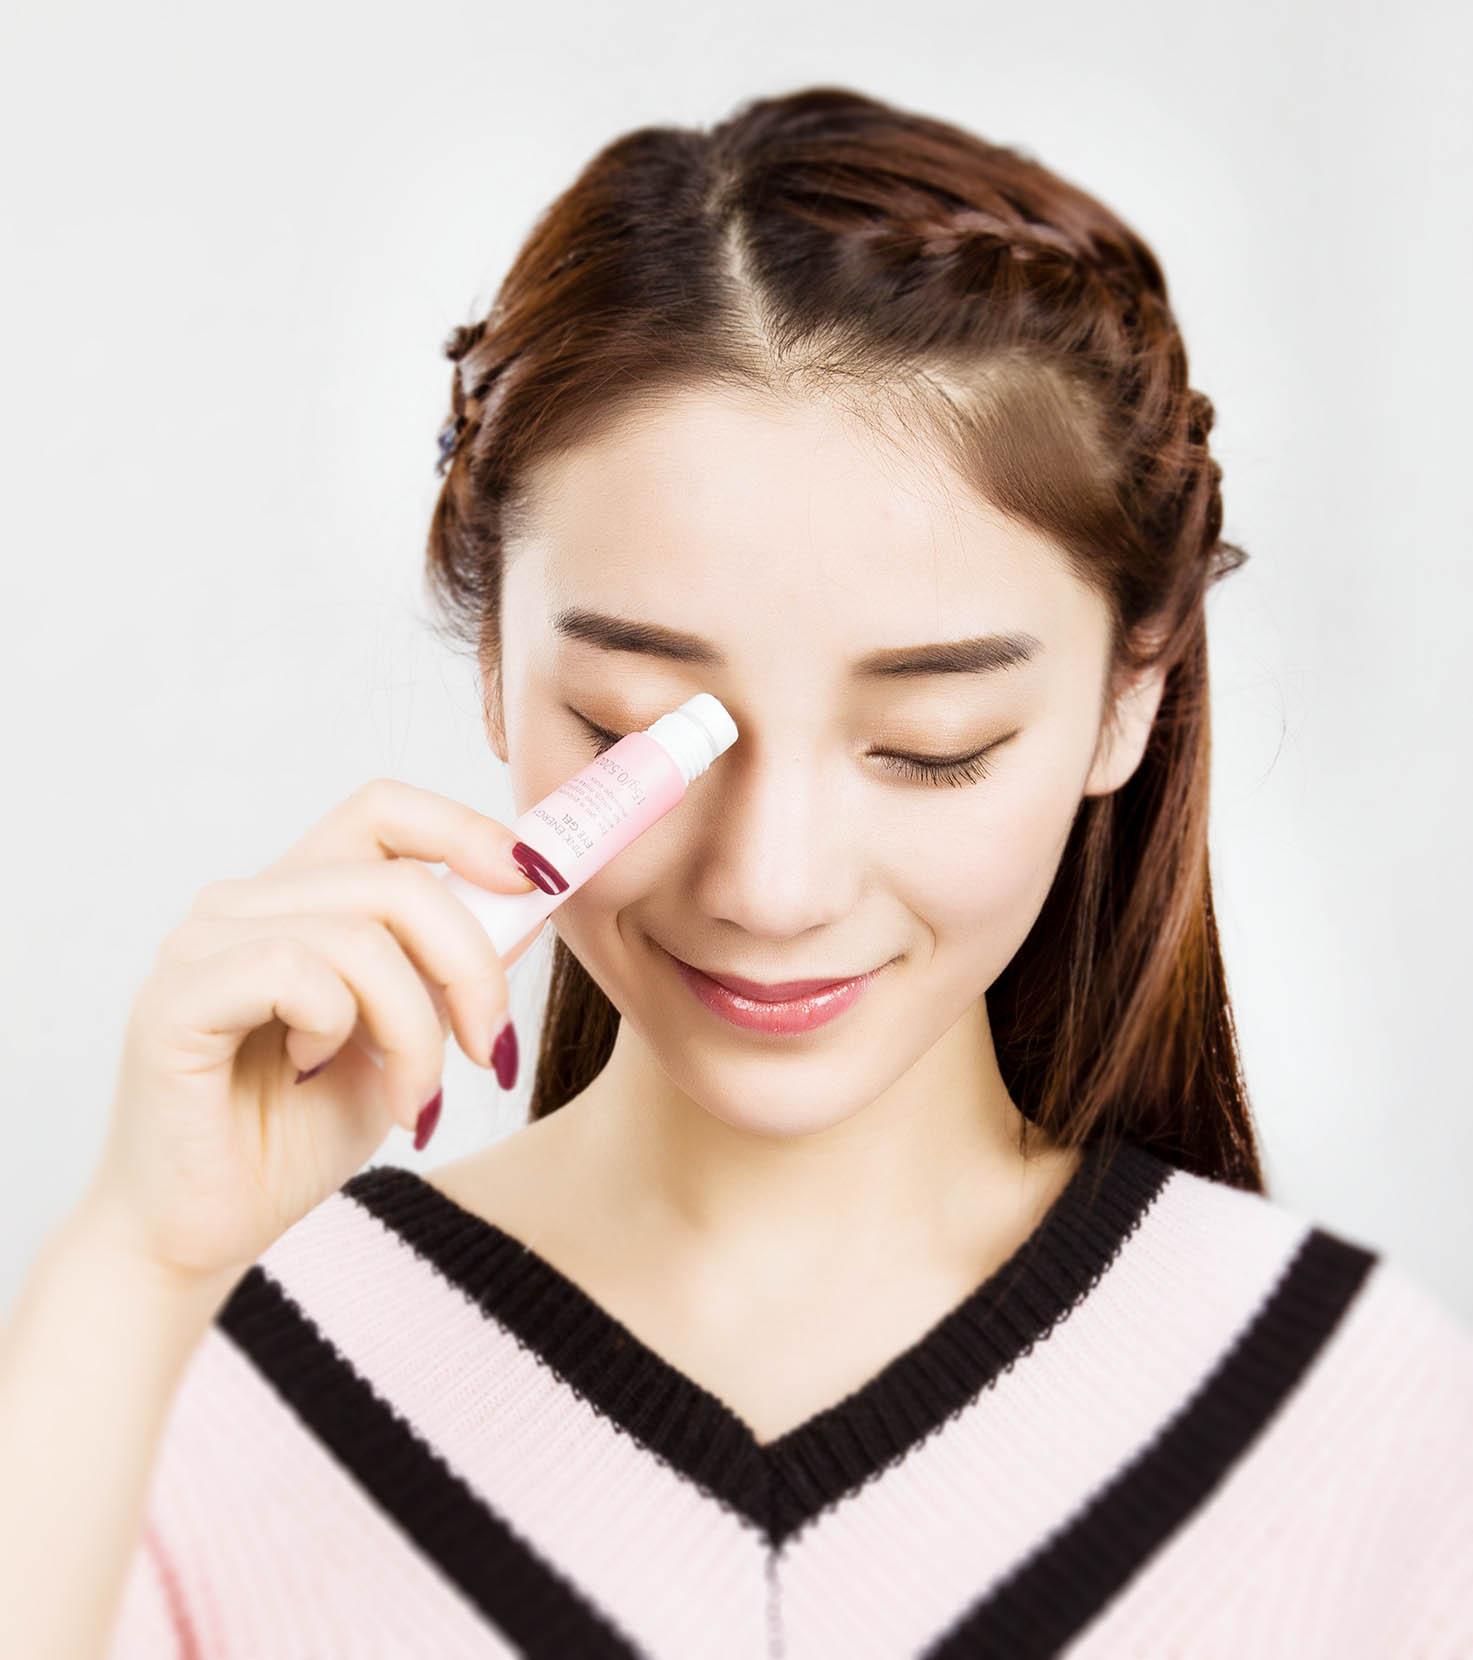 经常听到年轻的MM说我才20岁、我才23岁难道就要用眼霜吗?人的皮肤25岁后开始走下坡路,因此25岁以后再用眼霜即可。这些观点对于年轻肌肤来说真的正确吗?其实眼霜就只是一个基础护理,同面霜一样的道理,肌肤的保养是件预防大于治疗的事情,为什么要等到25岁以后眼部肌肤开始出现暗黄、肿胀、皱纹、眼袋、黑眼圈等问题,或者已经到了无可救药的情况下才开始想到做眼部护理呢?因此,年满18岁的年轻MM就应该将眼霜用起来了! 眼部肌肤构造及常见问题 那么,让我们先来了解一下眼部肌肤的构造吧:眼部是人体最薄的皮肤,